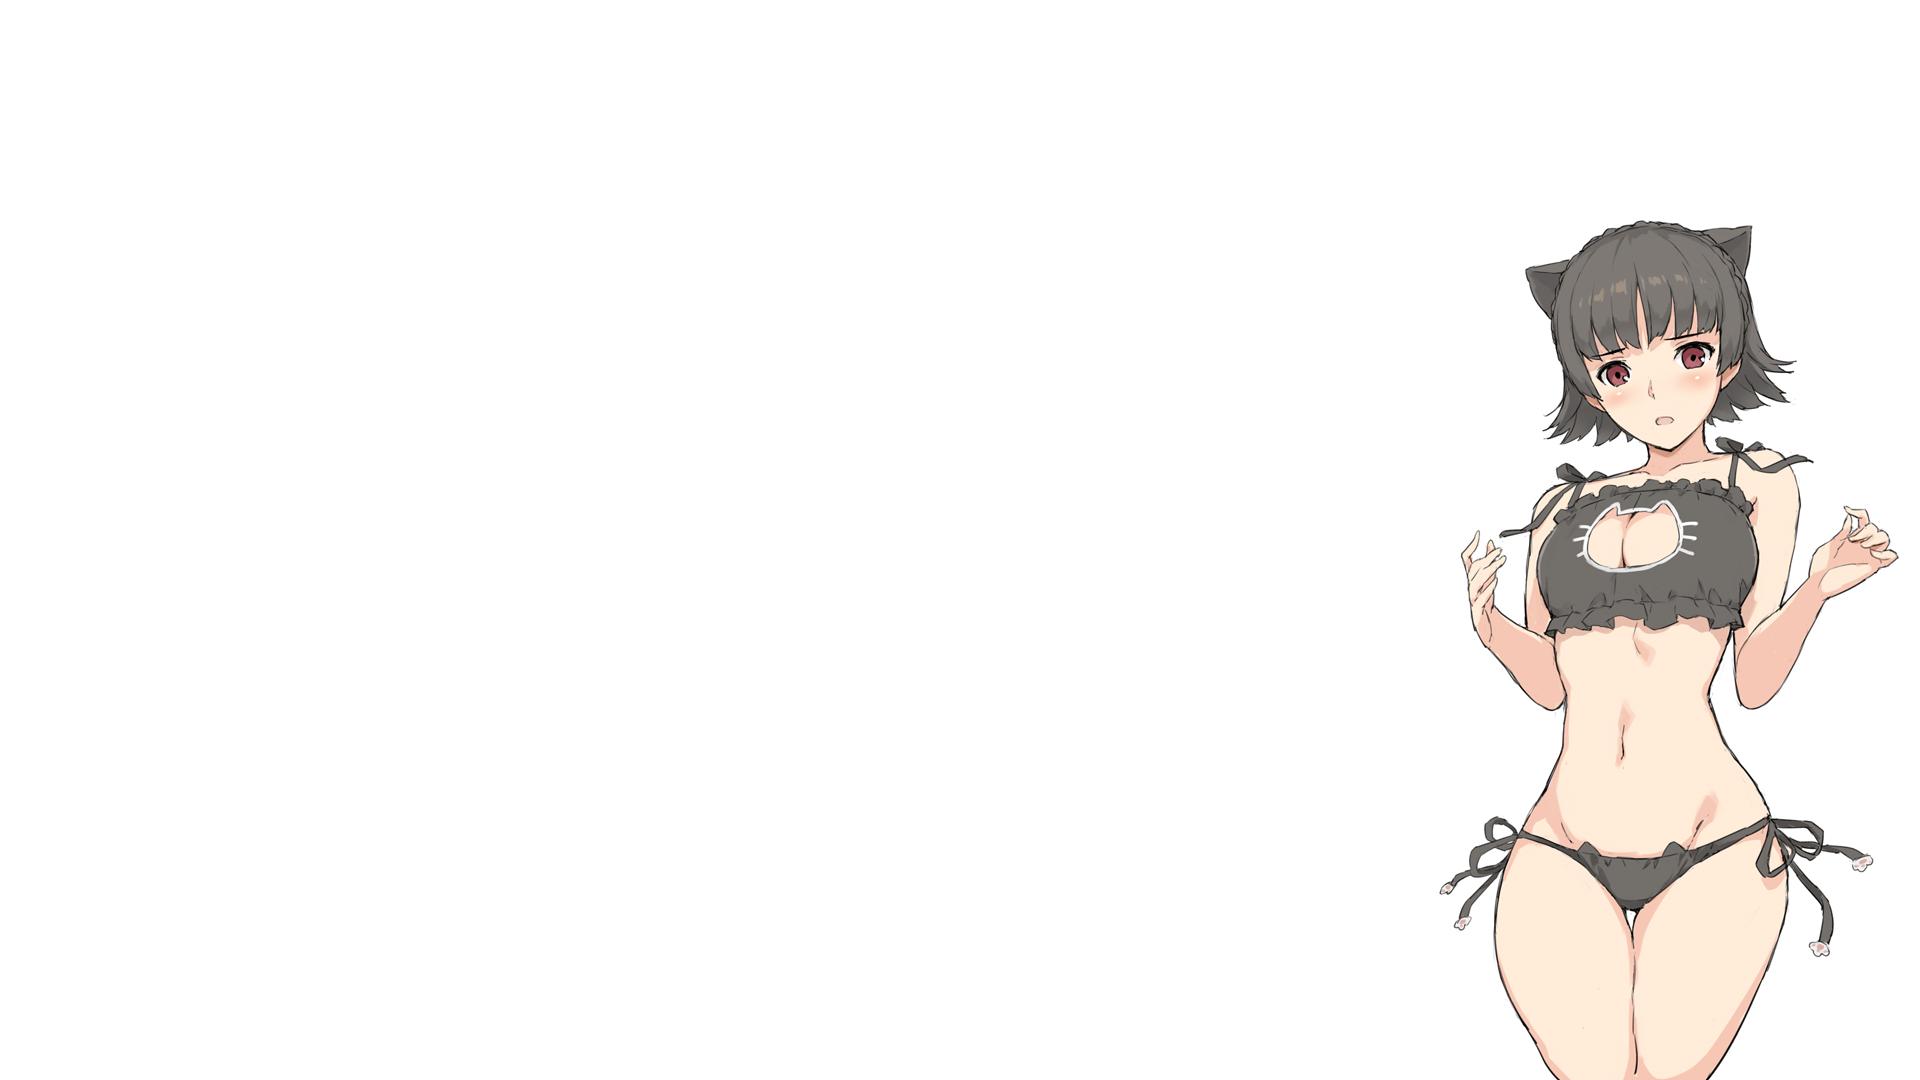 1920x1080 Waifu Wallpaper Reddit Hd Wallpapers